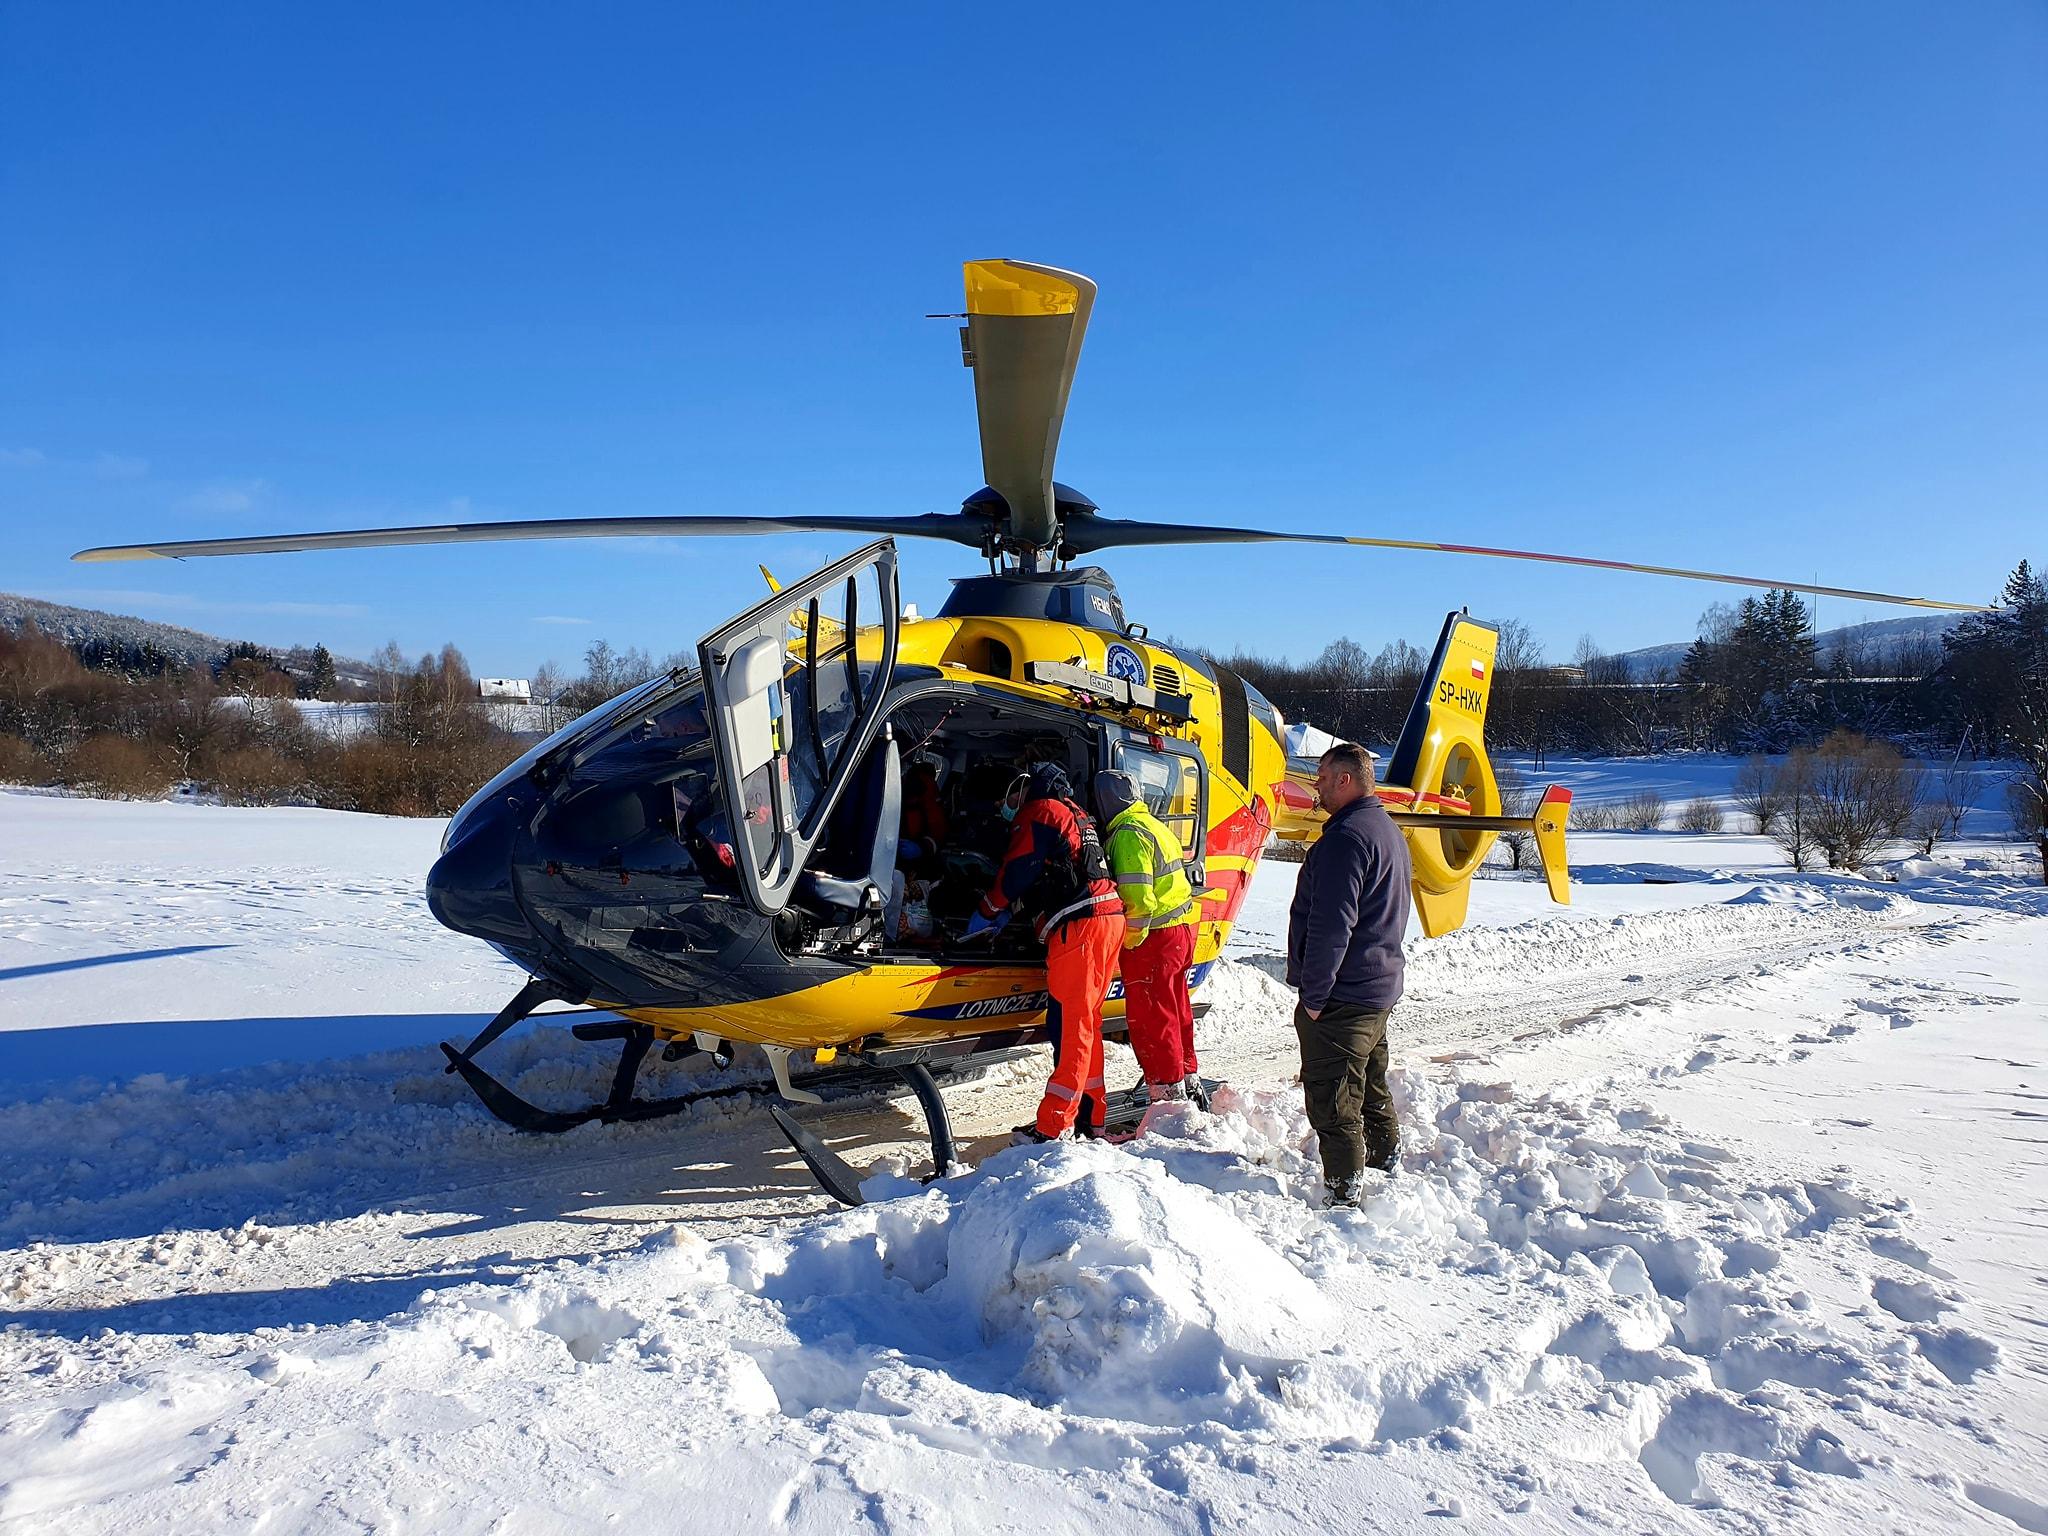 Ratownik 10 pomógł pacjentowi dotrzeć do Sanoka [ZDJĘCIA] - Zdjęcie główne